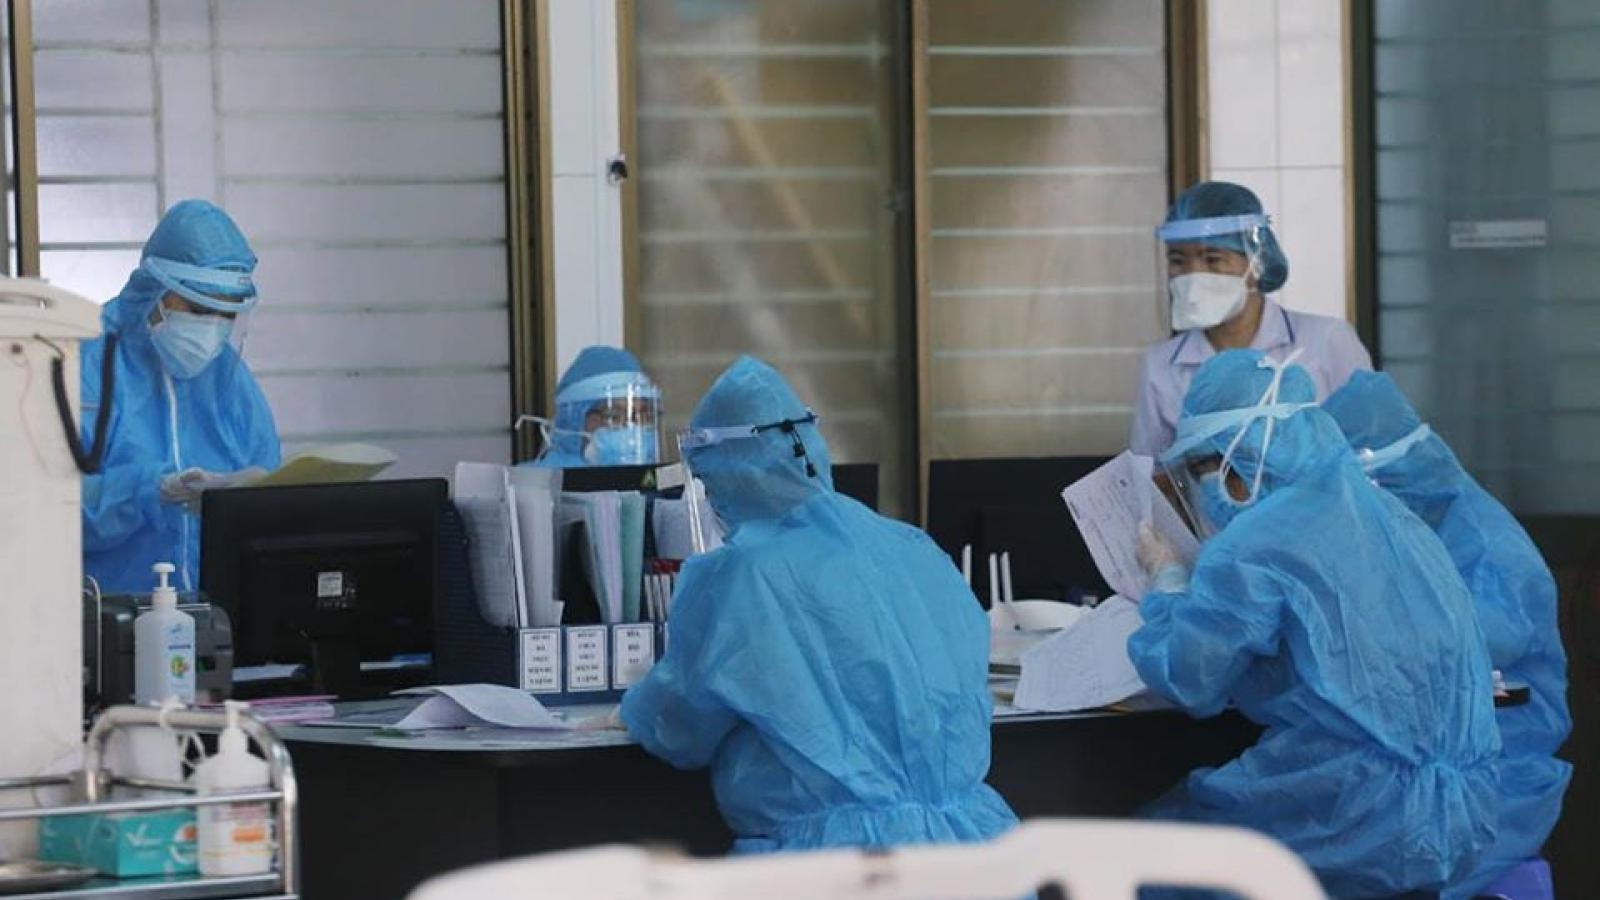 Hà Nội có thêm 7 trường hợp dương tính với SARS-CoV-2